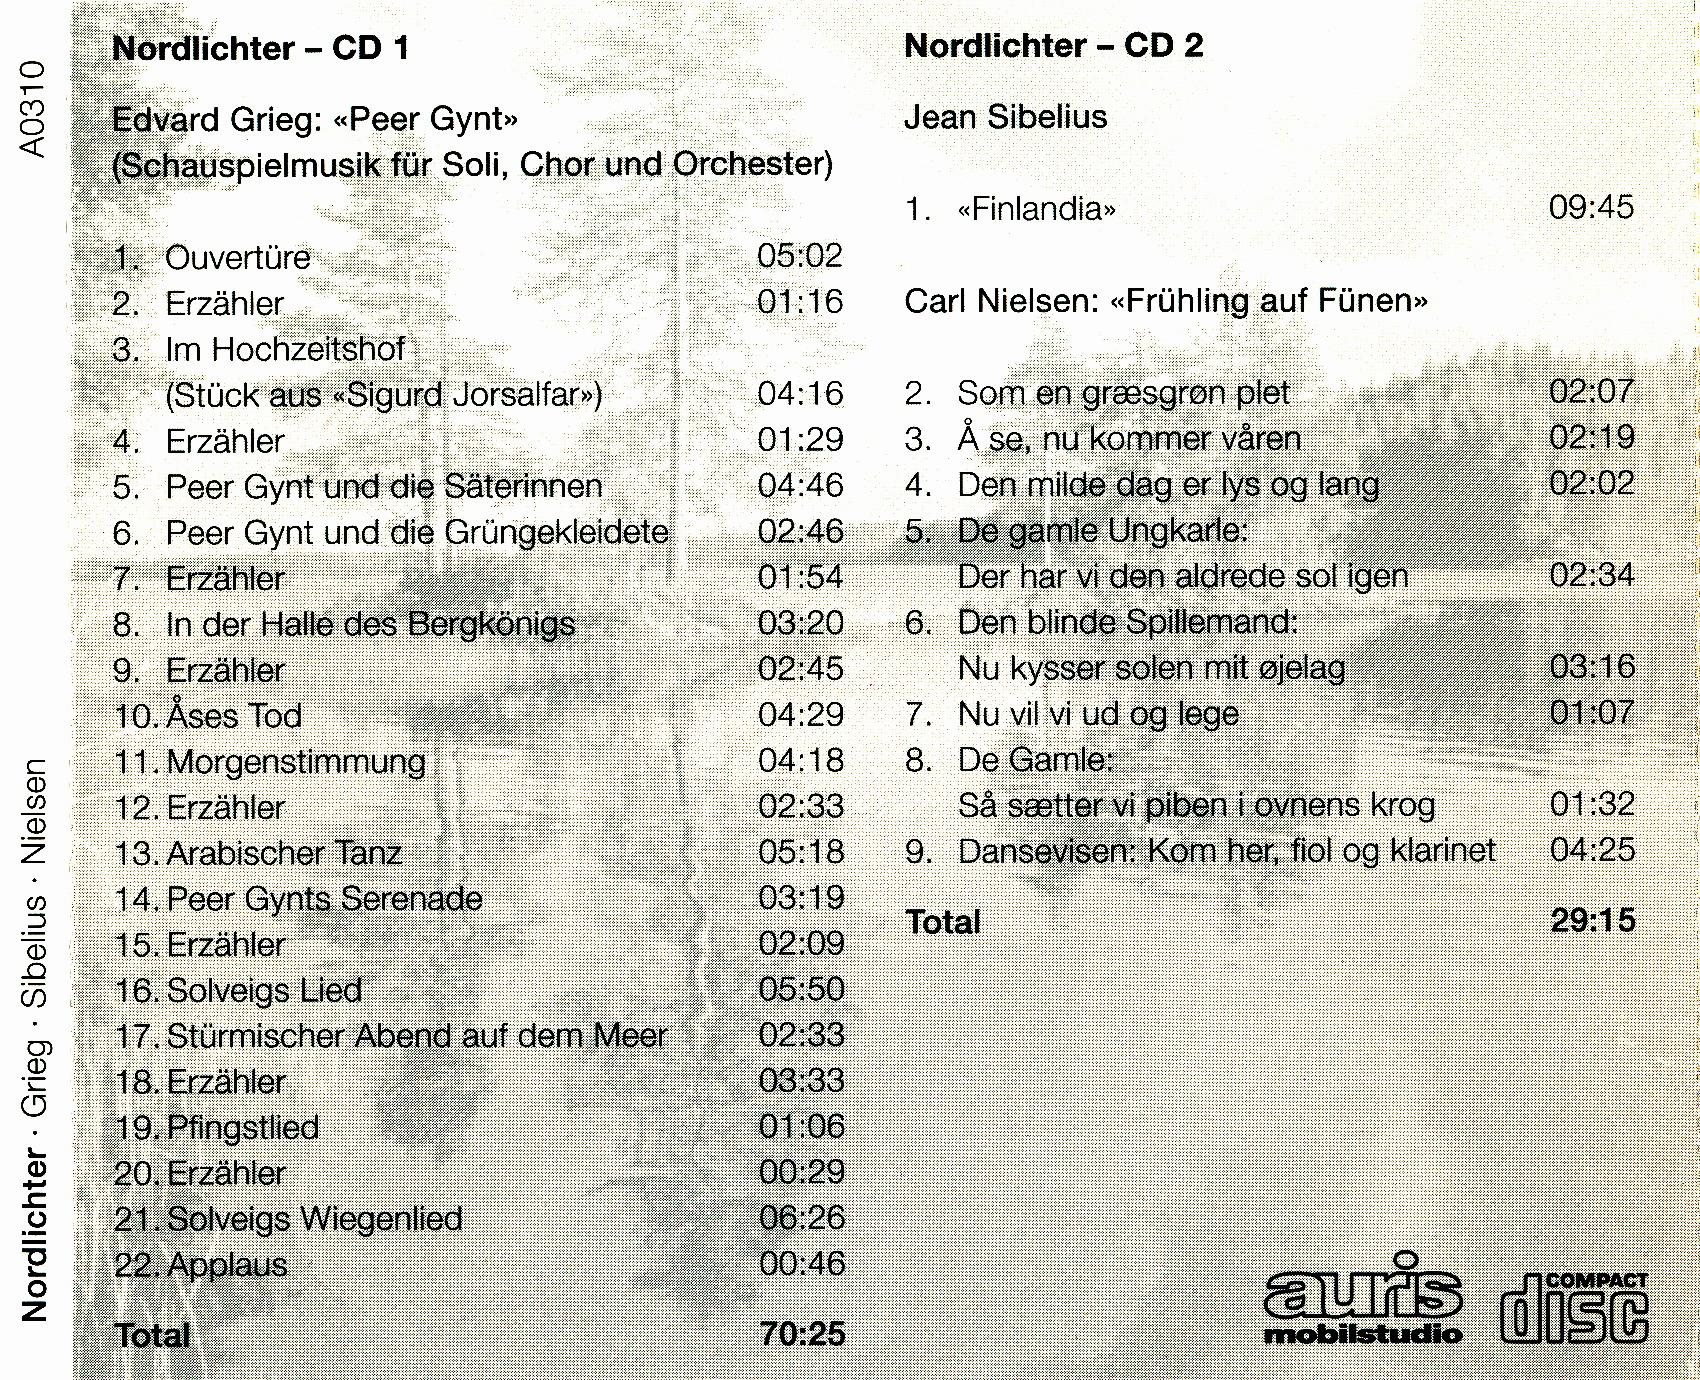 CD Musiktitel und Laufzeiten